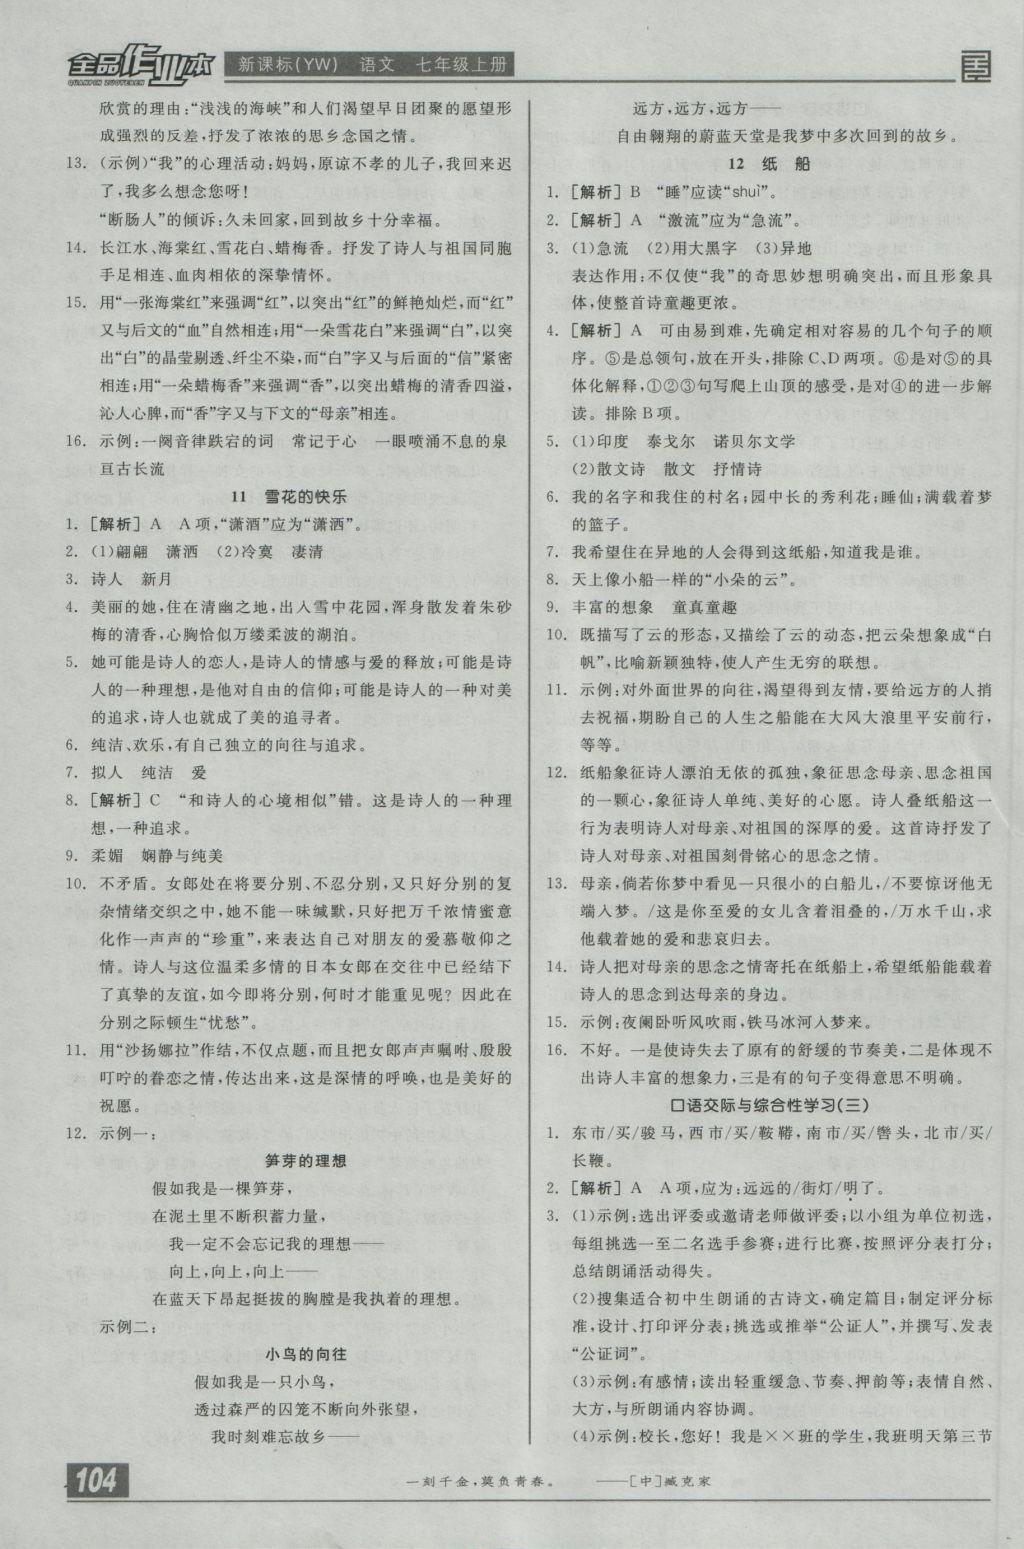 2016年全品作业本七年级语文上册语文版参考答案第6页